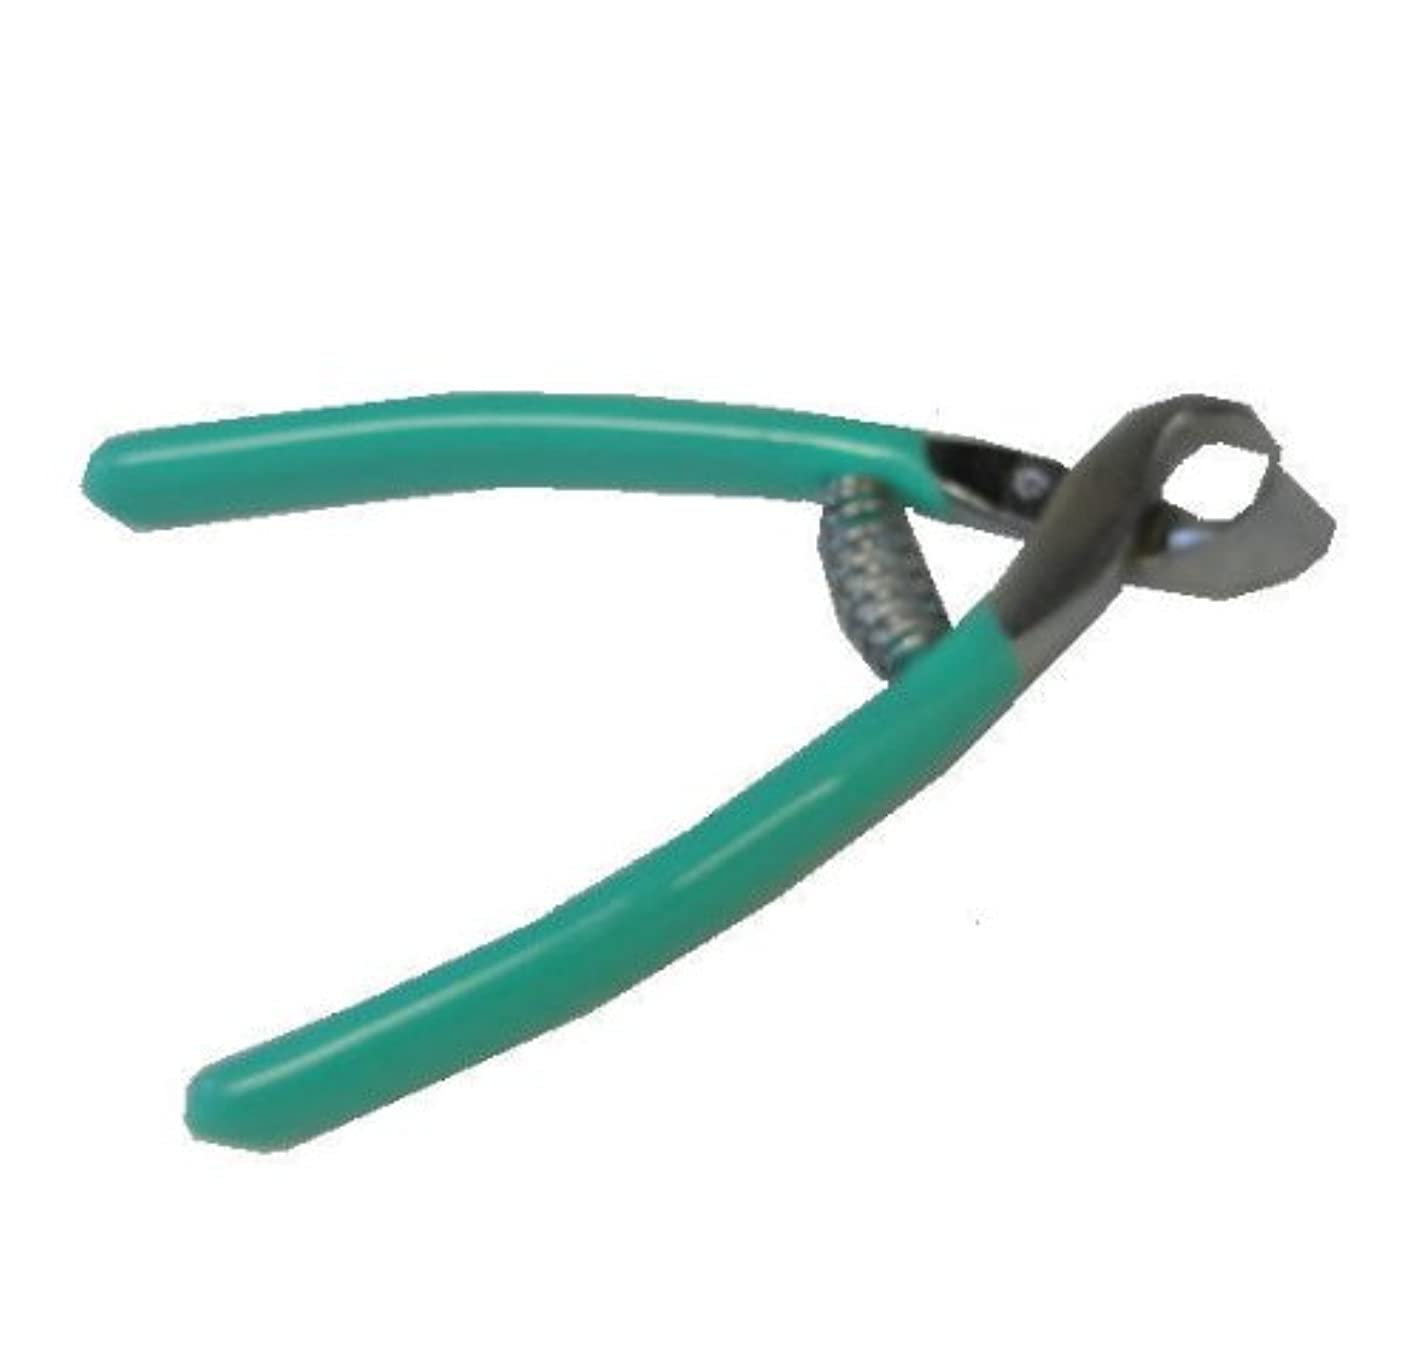 アミューズジャンル捨てるフルサワの介護用爪切り 斜刃 グリーン